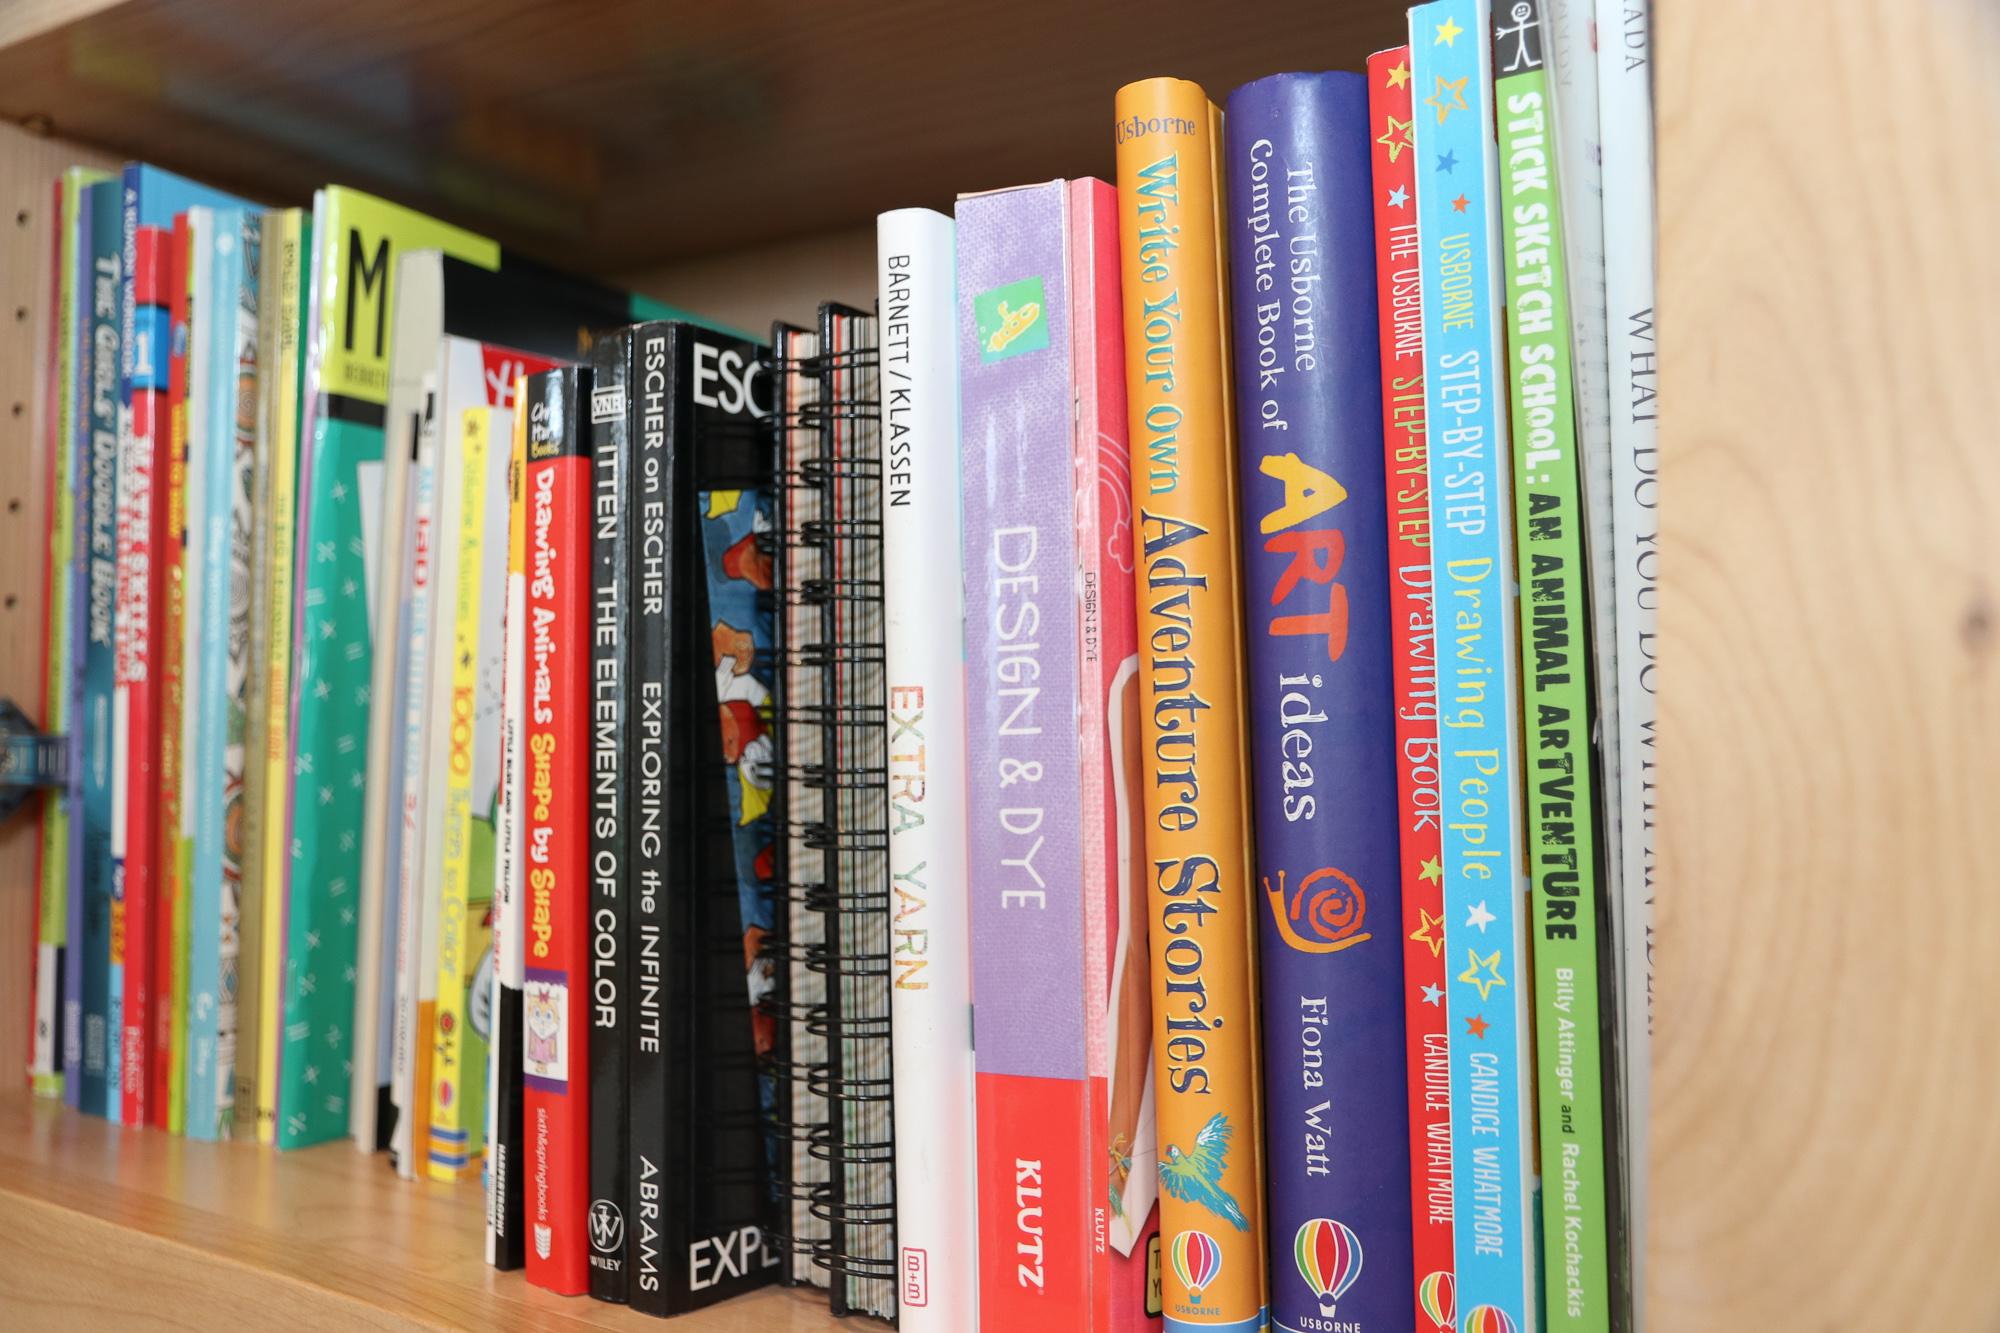 A shelf of idea books